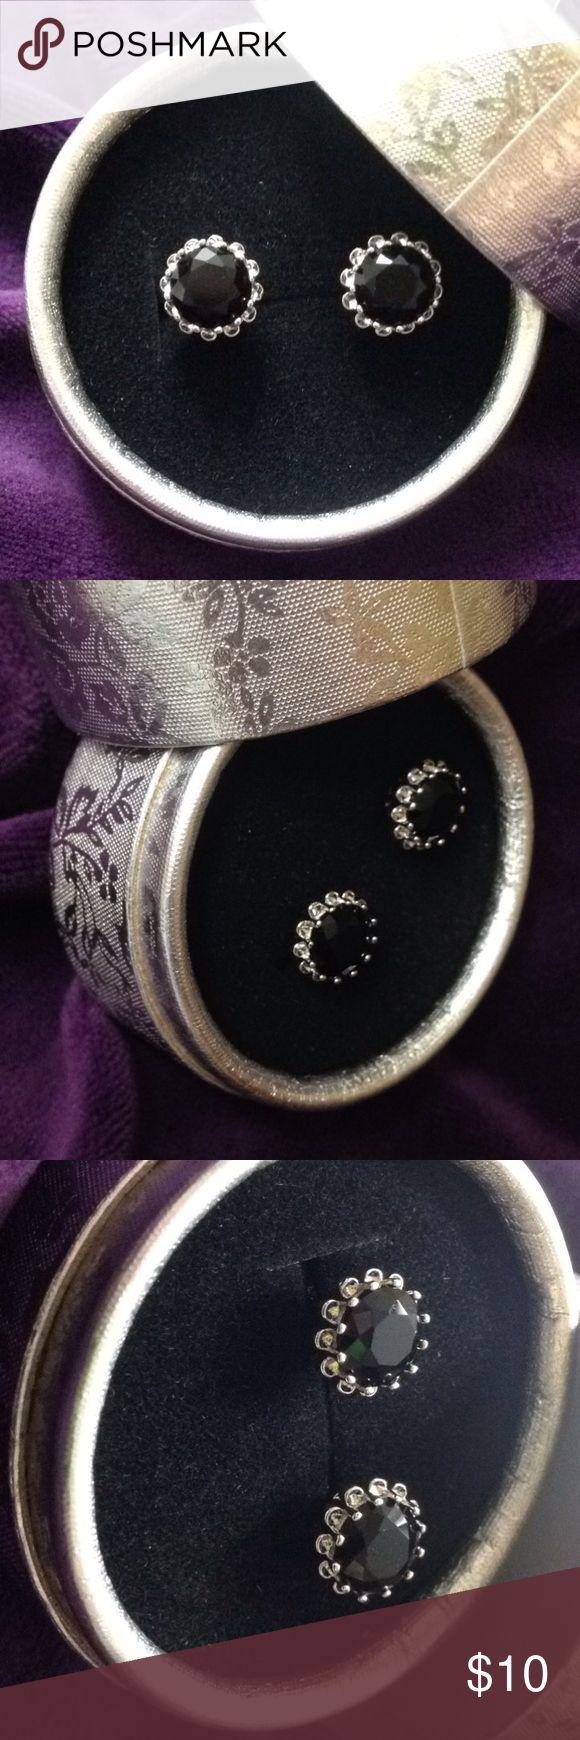 black sapphire earrings 18k white gold filled black sapphire stud earrings.fashion jewelry Jewelry Earrings